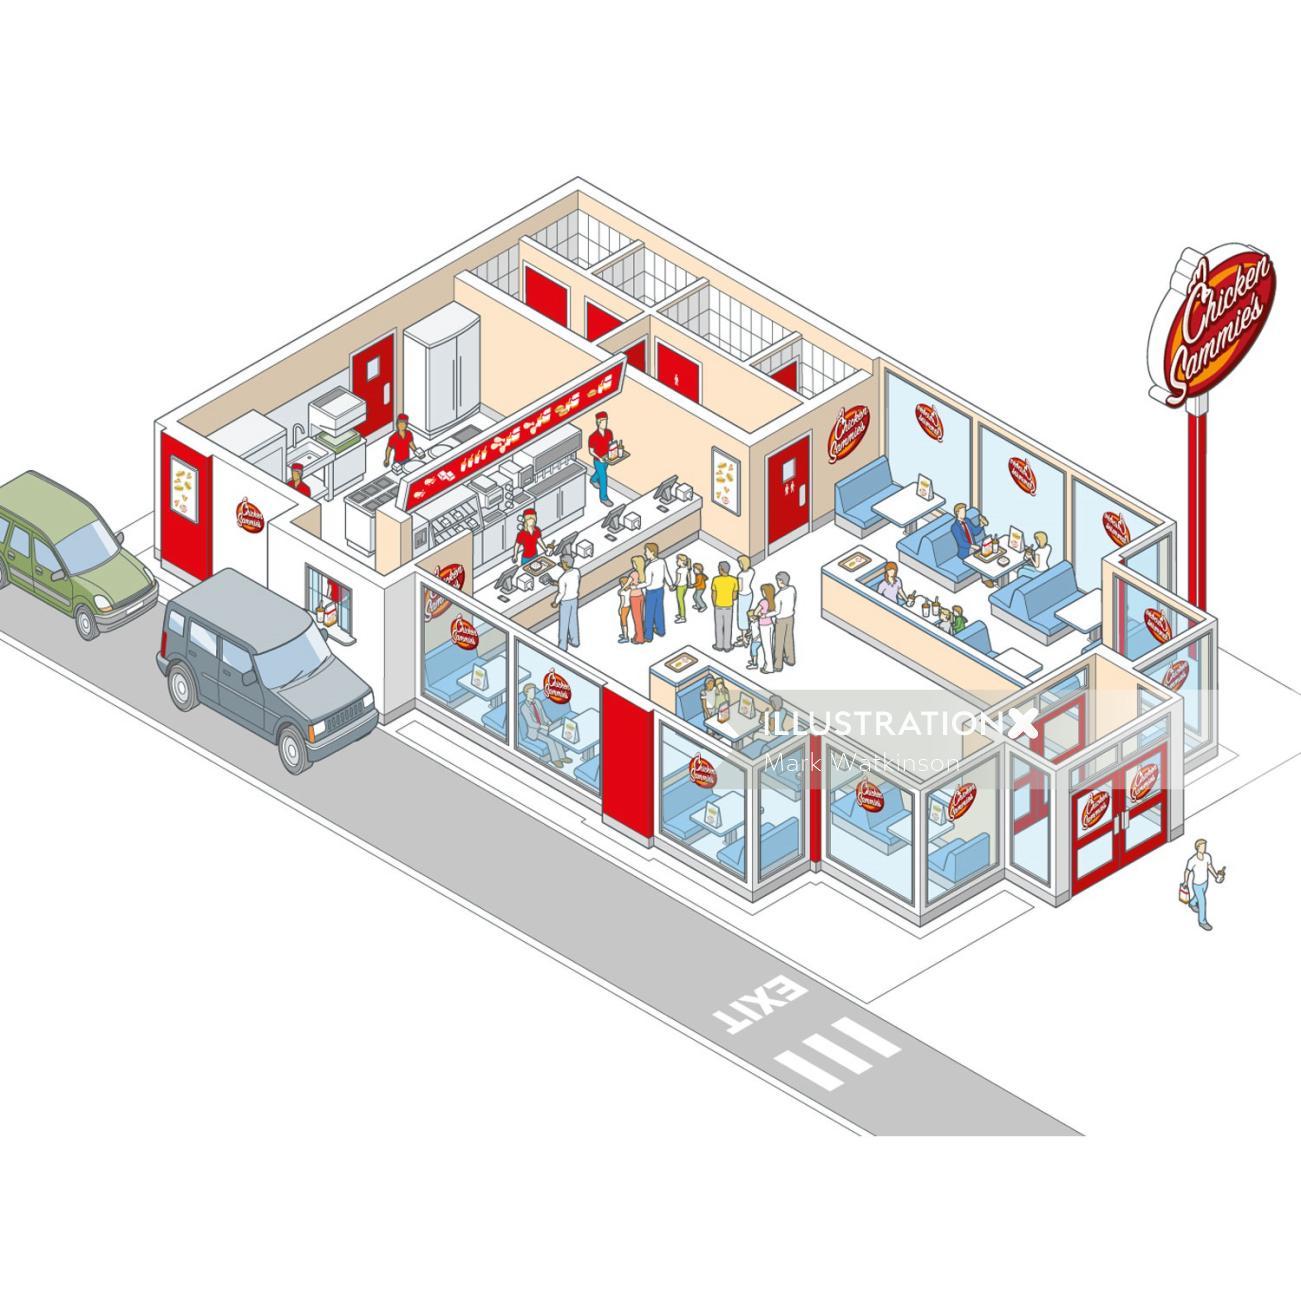 Chicken sammie shop architecture illustration